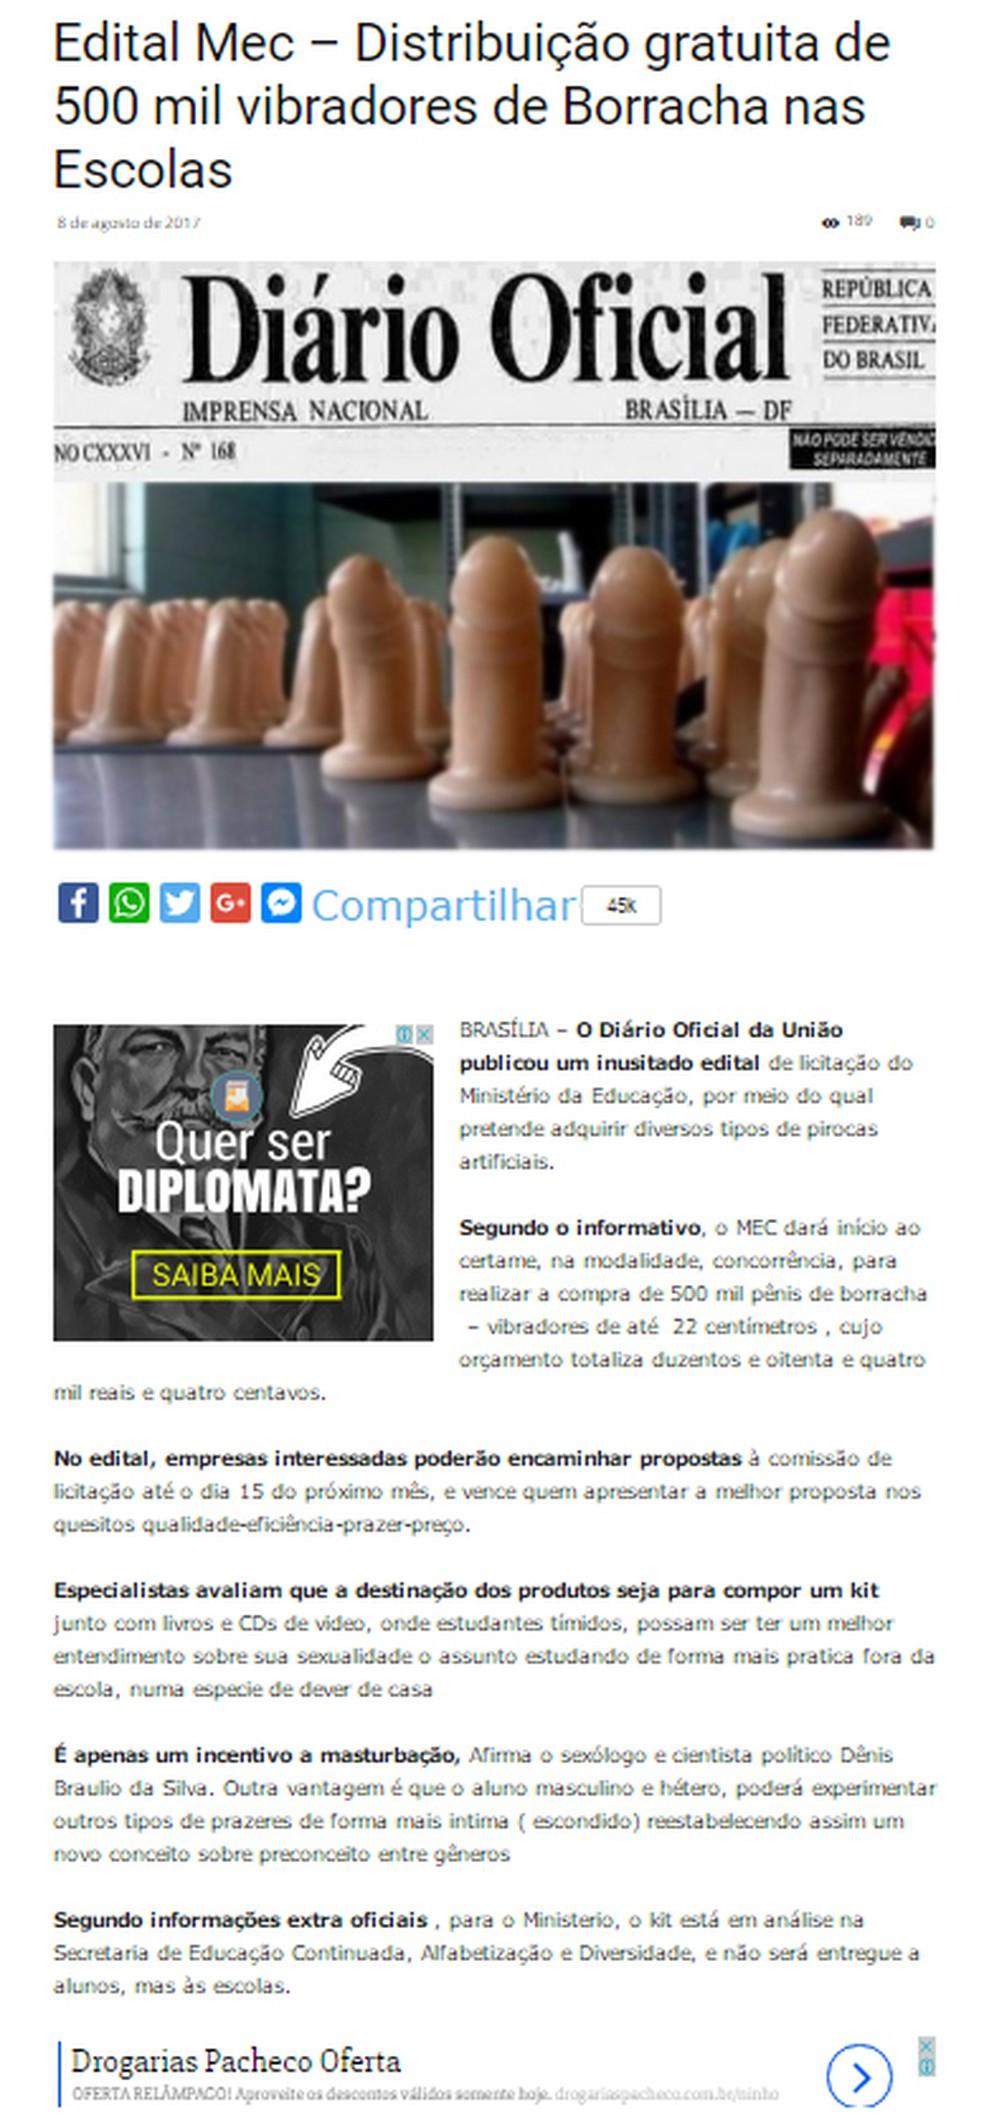 MEC desmentiu notícia falsa sobre compra de vibradores (Foto: Reprodução/ Facebook)